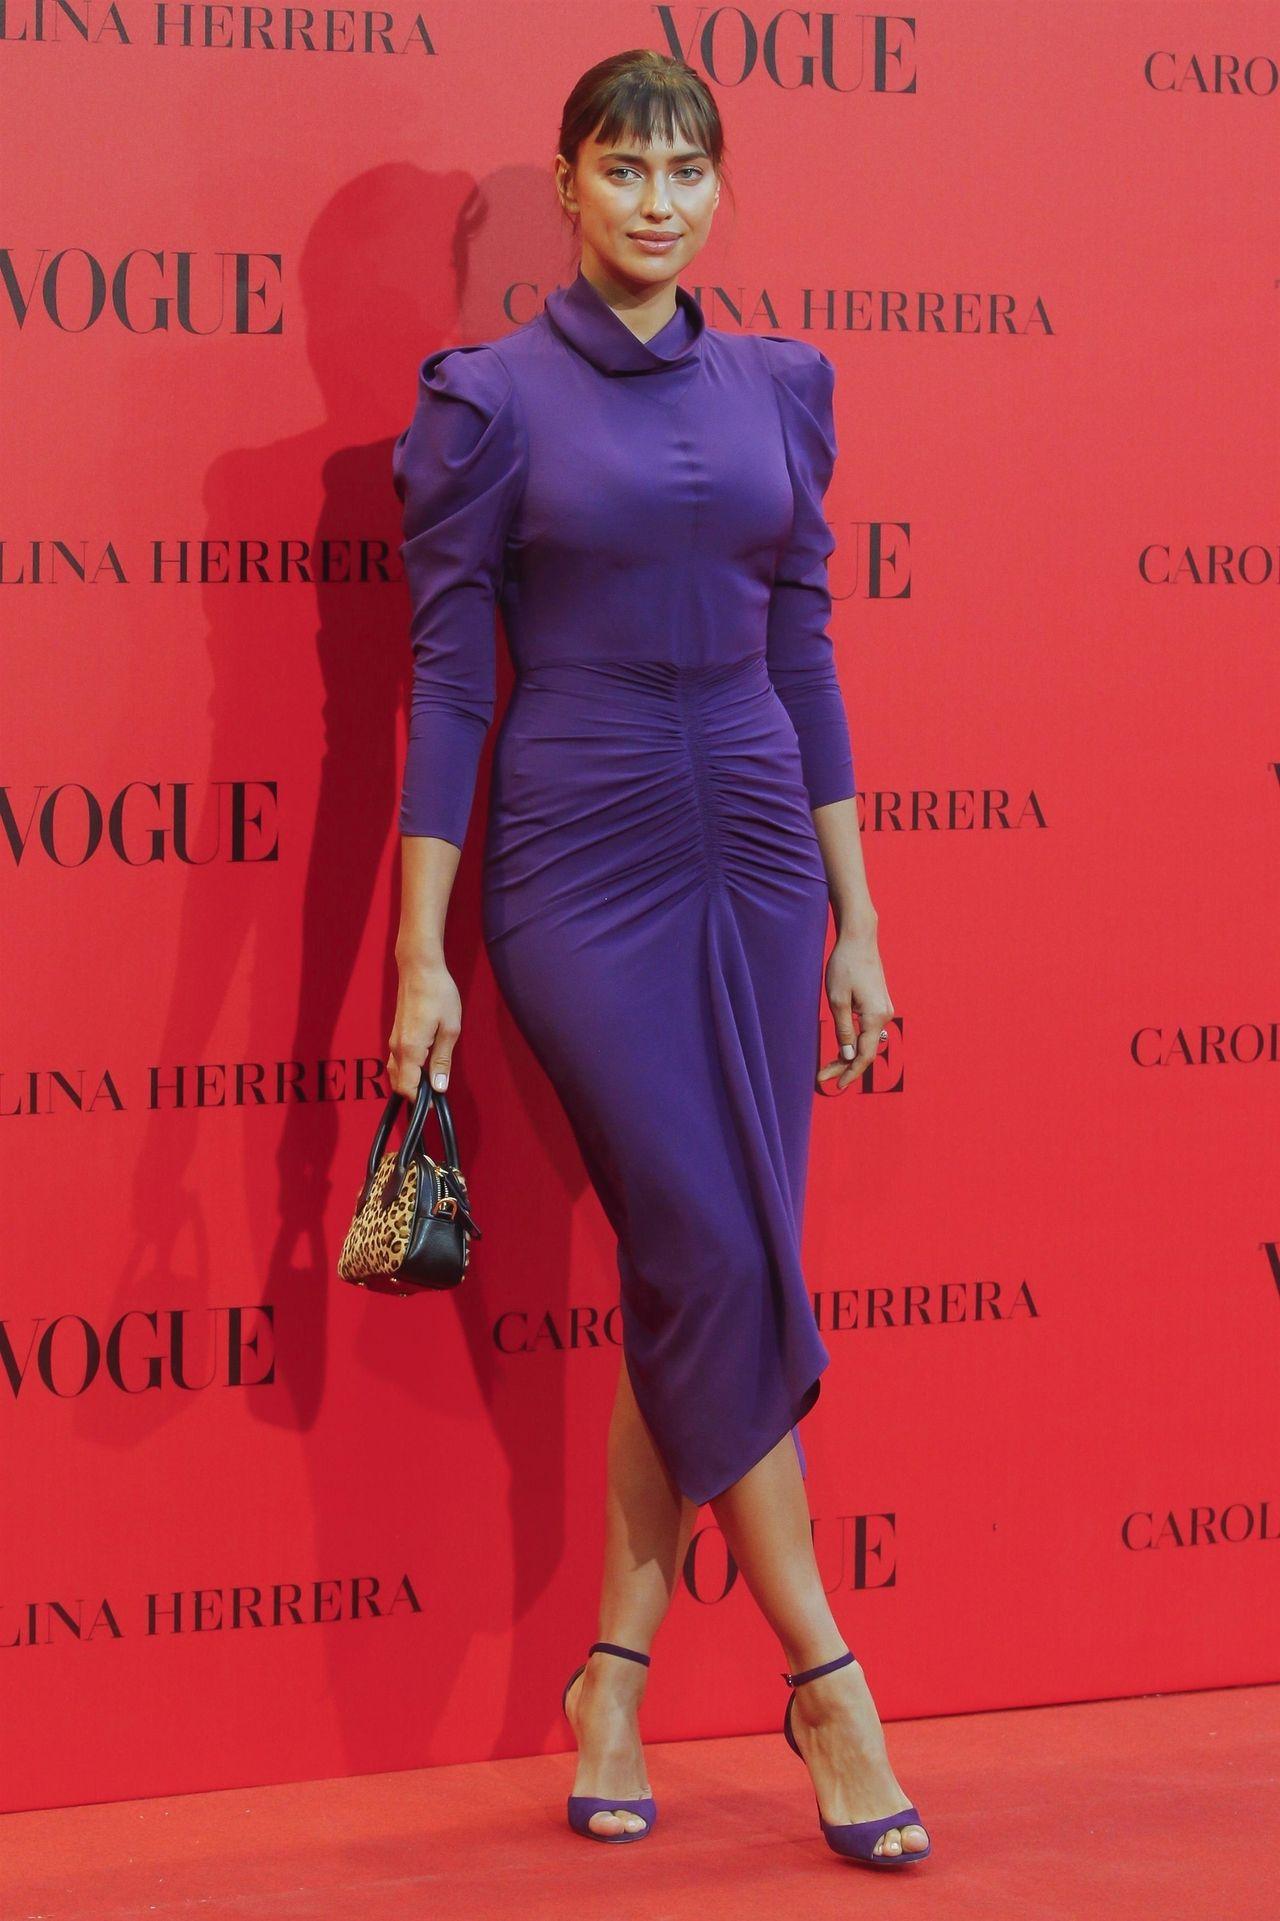 Irina Shayk z grzywką wygląda... GŁUPIO? (ZDJĘCIA)